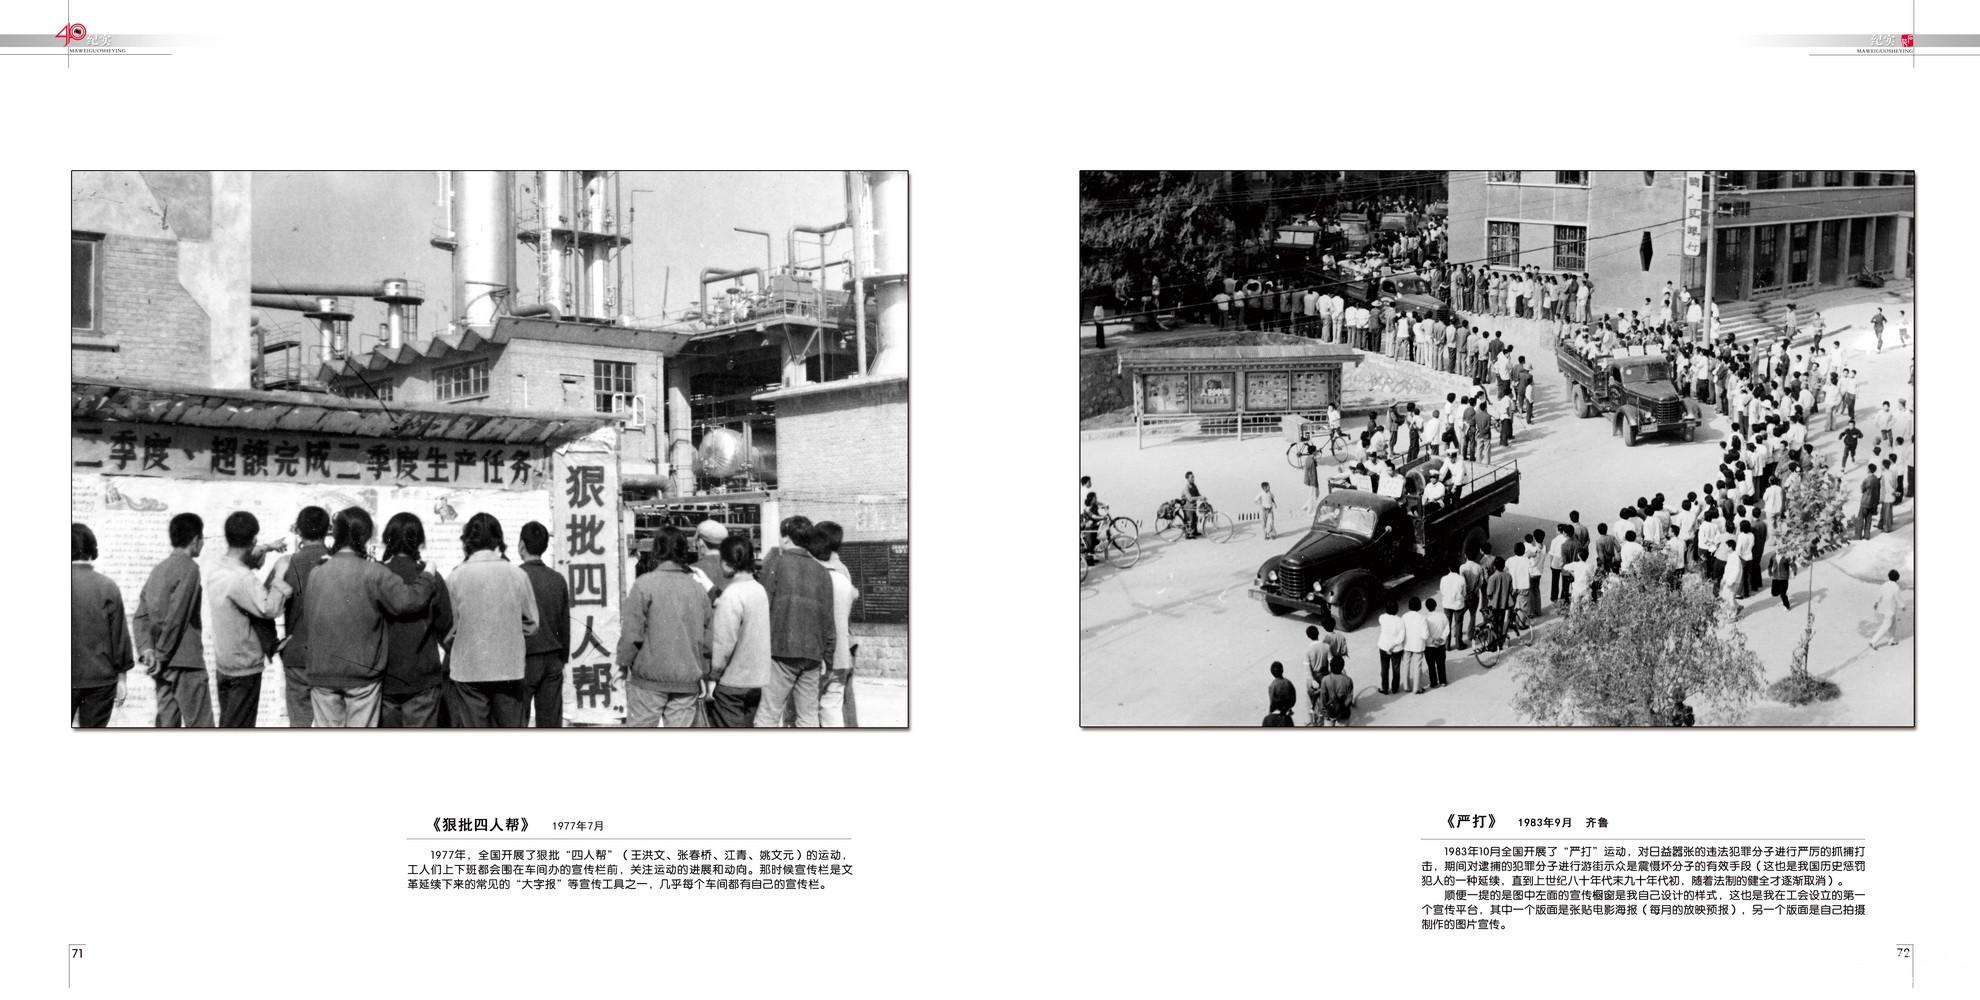 37.纪实.1977_调整大小.jpg